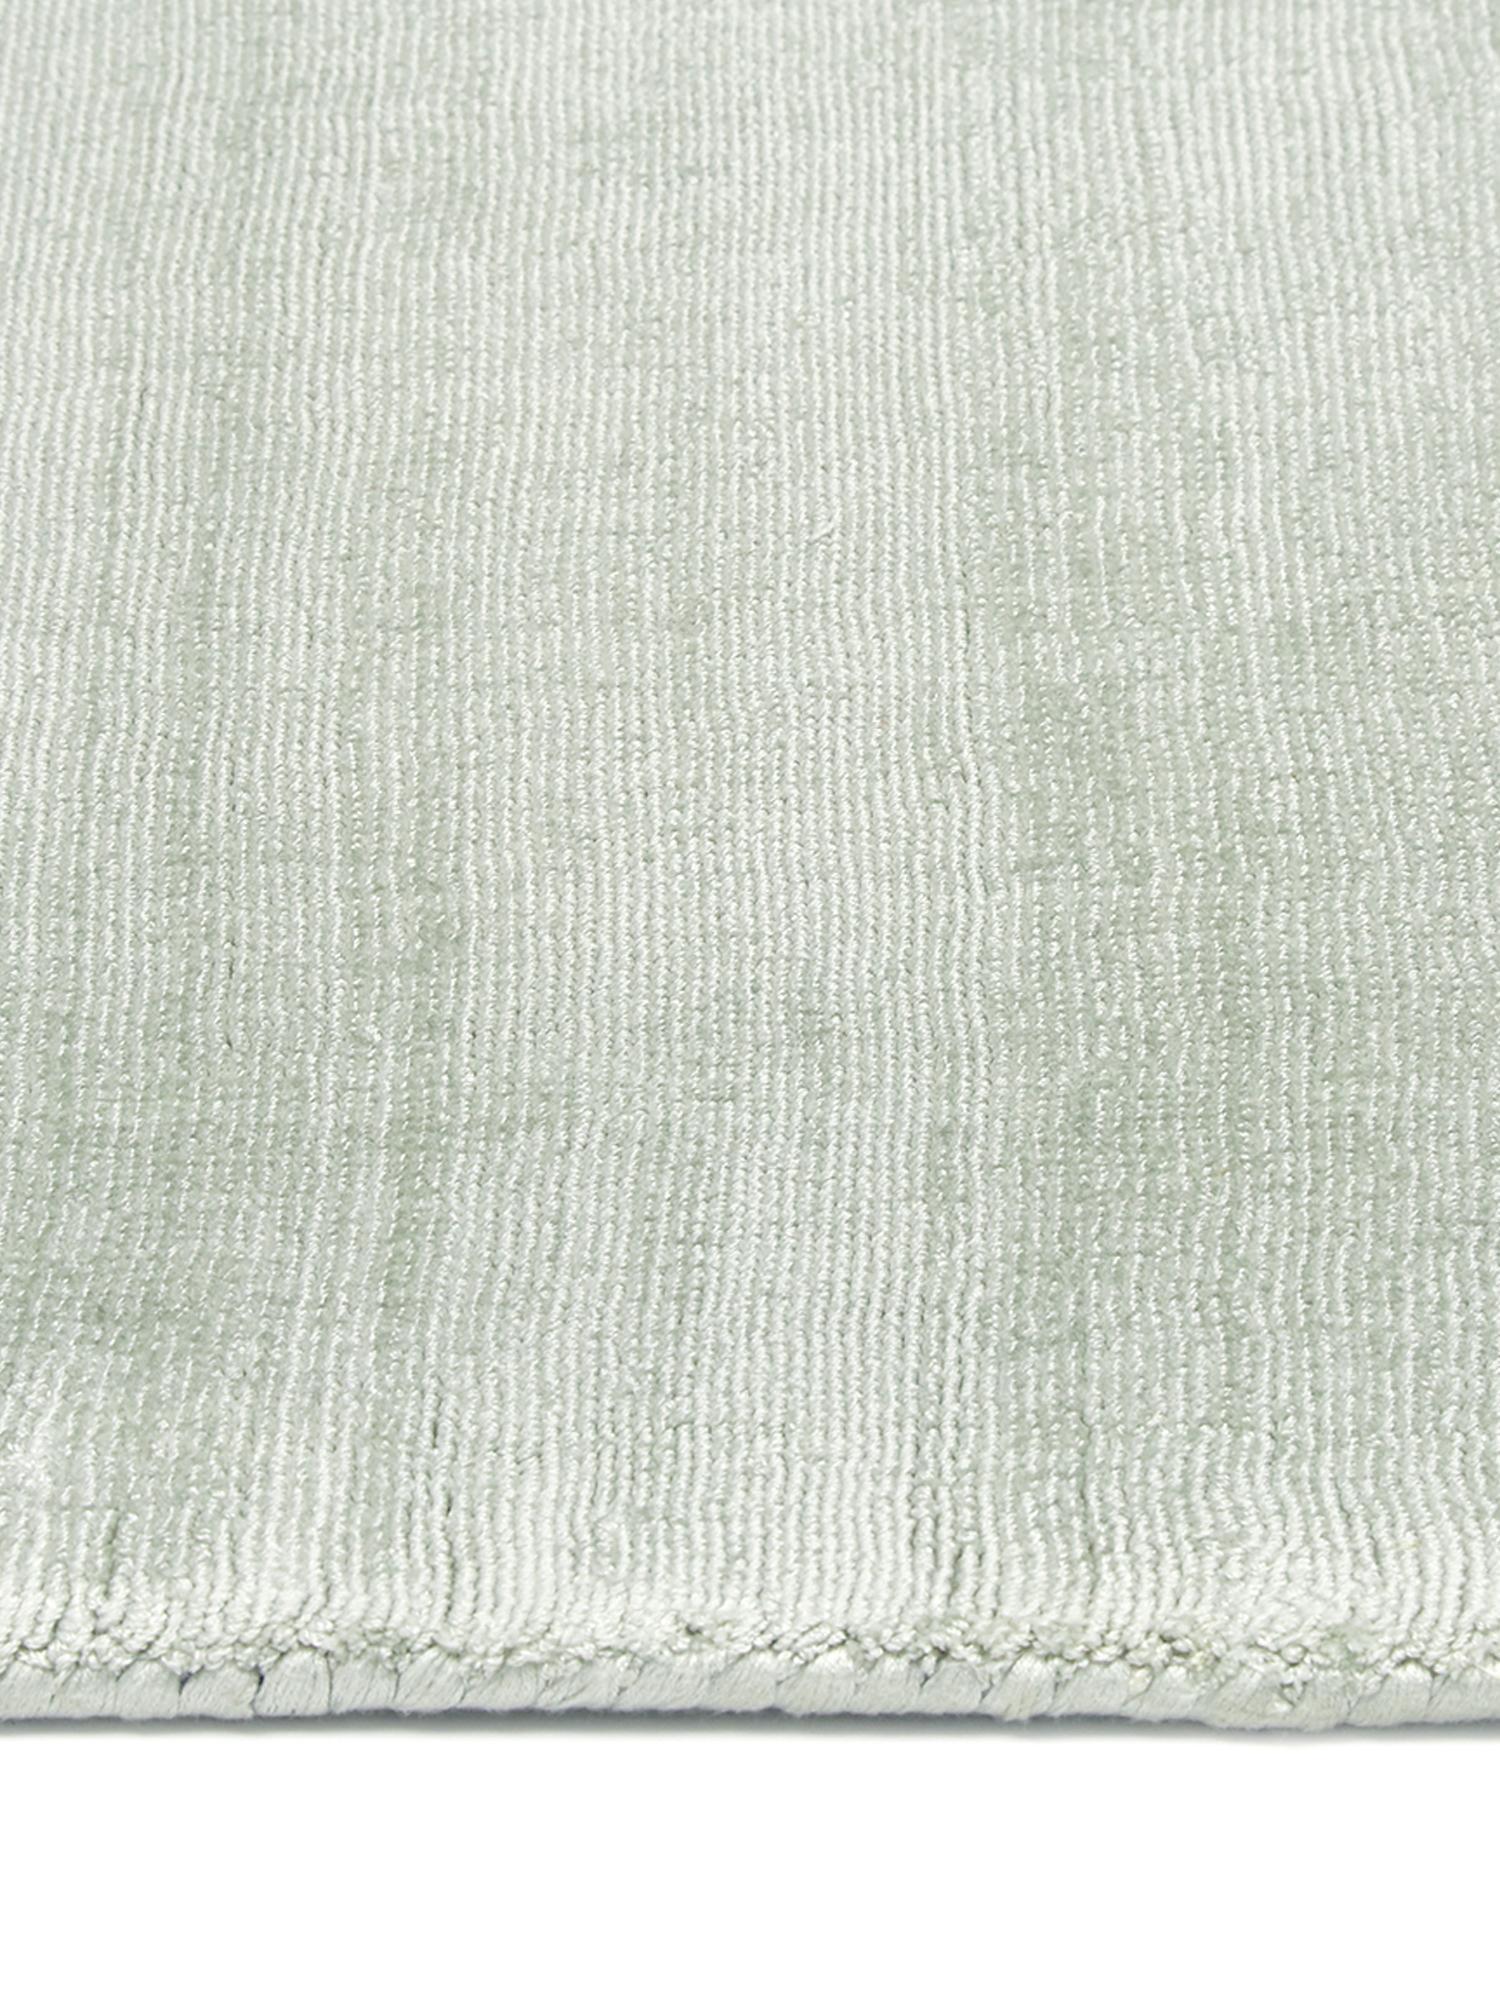 Tappeto in viscosa tessuto a mano Jane, Retro: 100% cotone, Verde menta, Larg.160 x Lung. 230 cm  (taglia M)